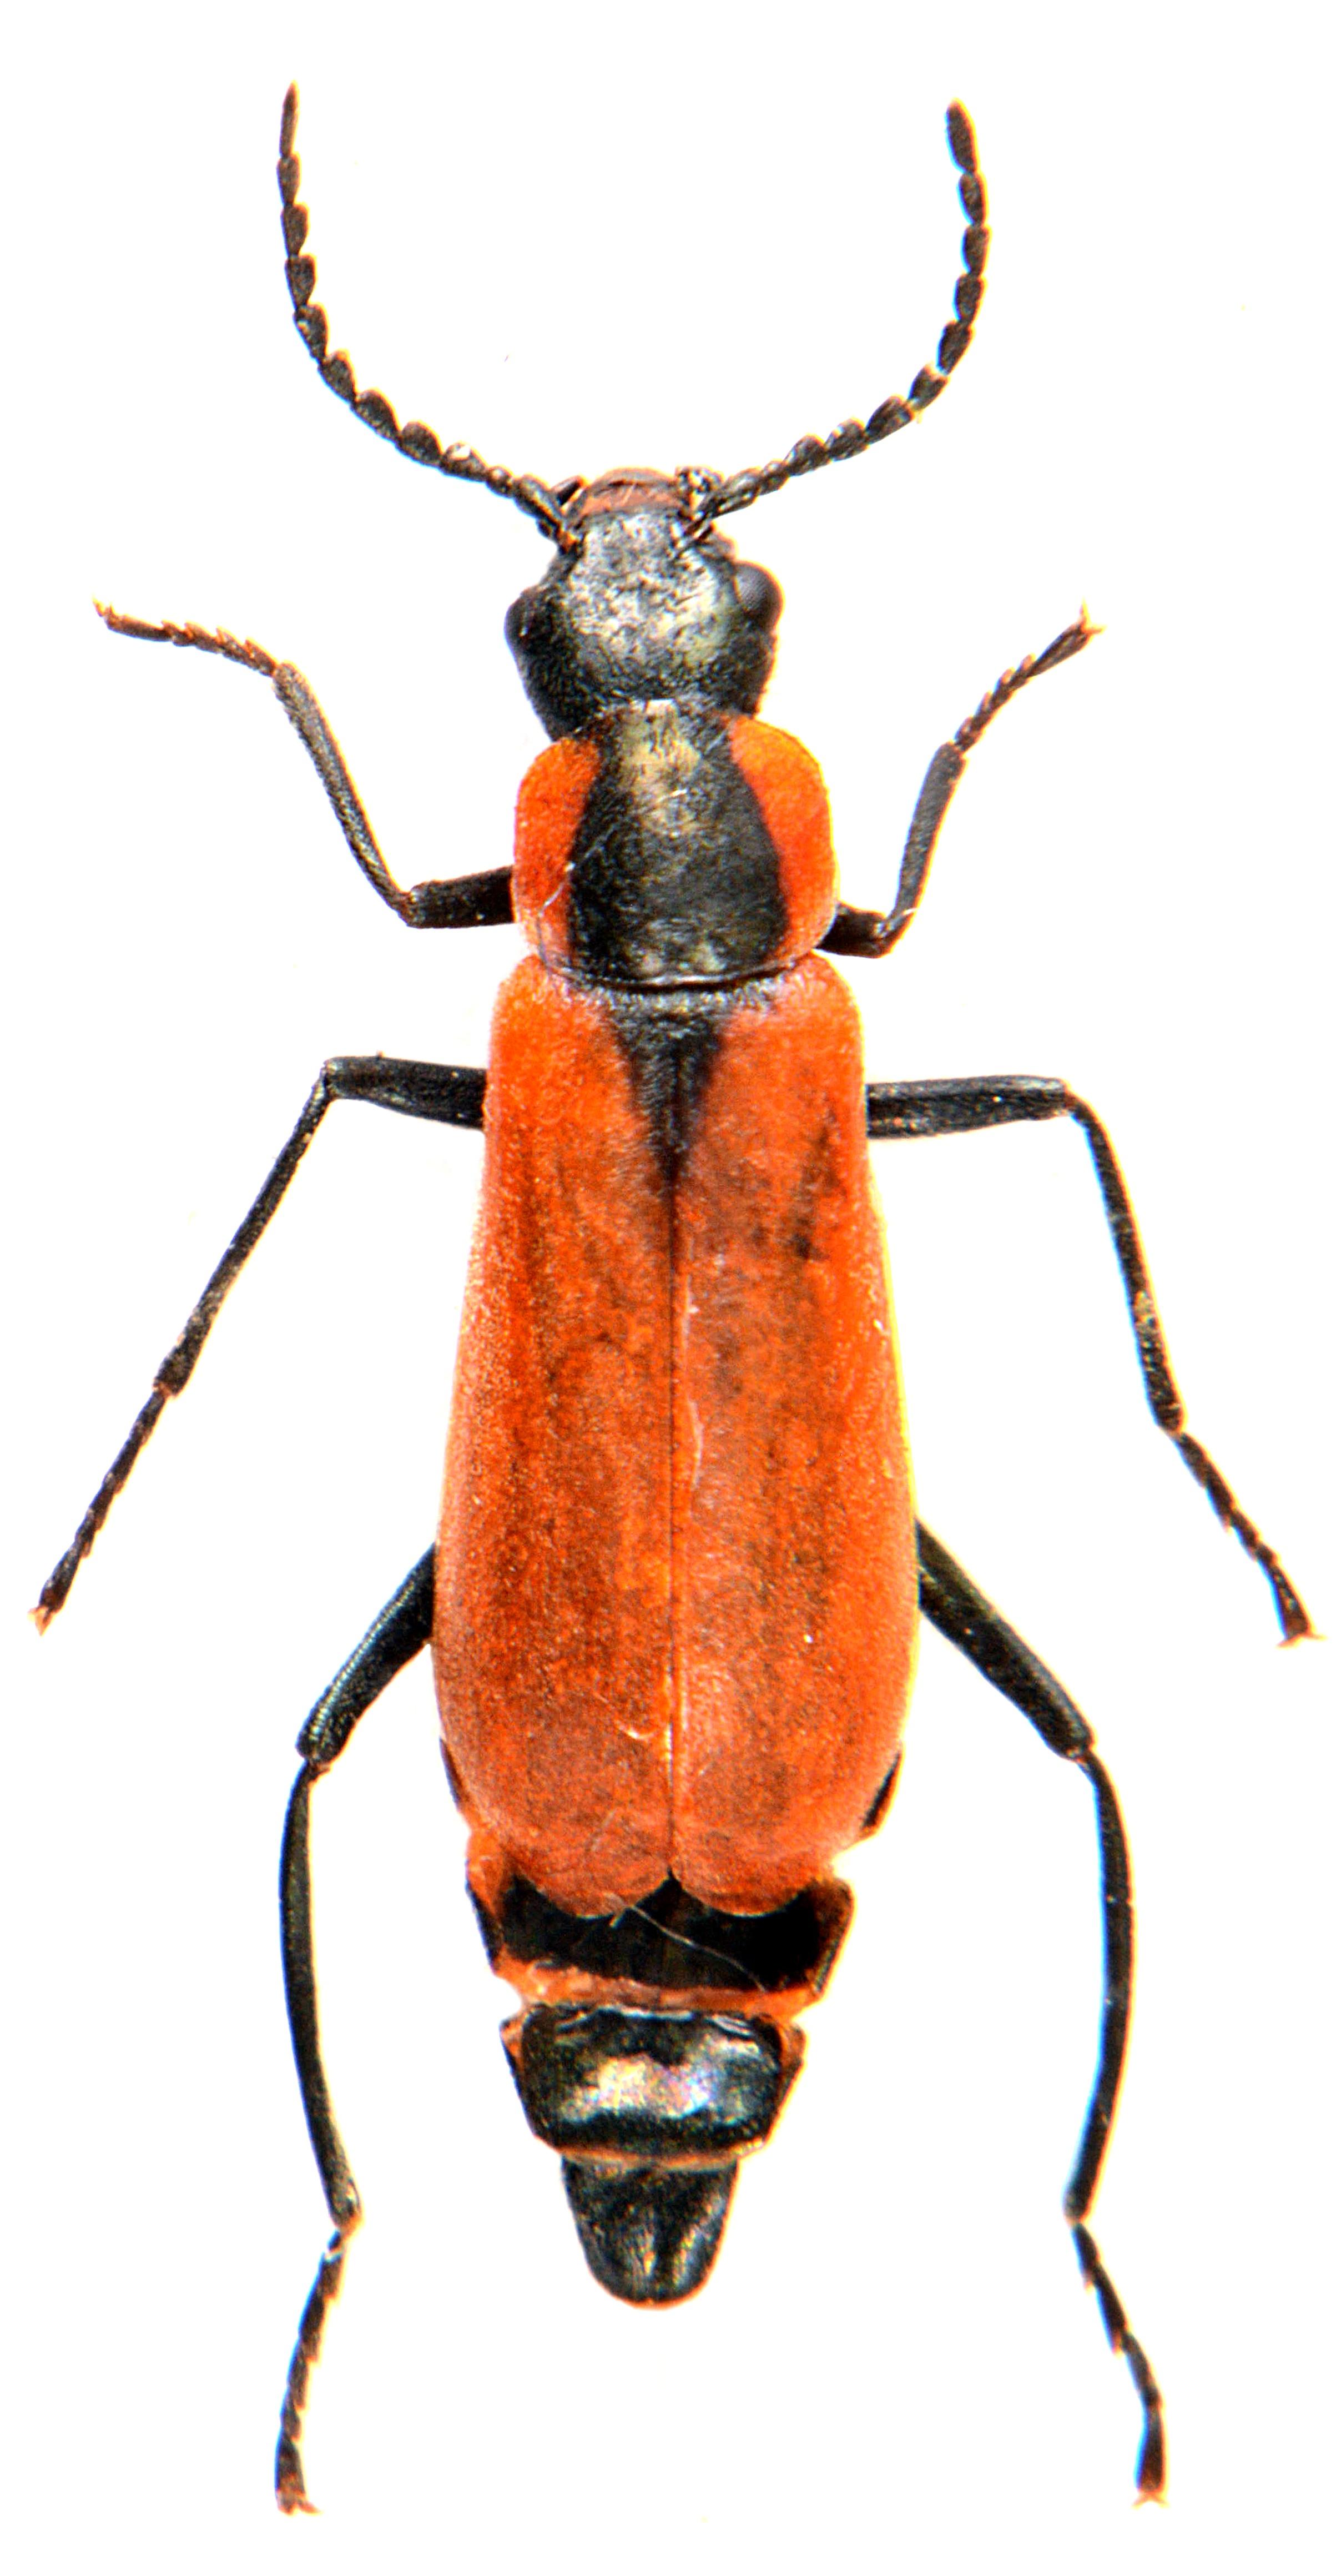 Anthocomus rufus 2